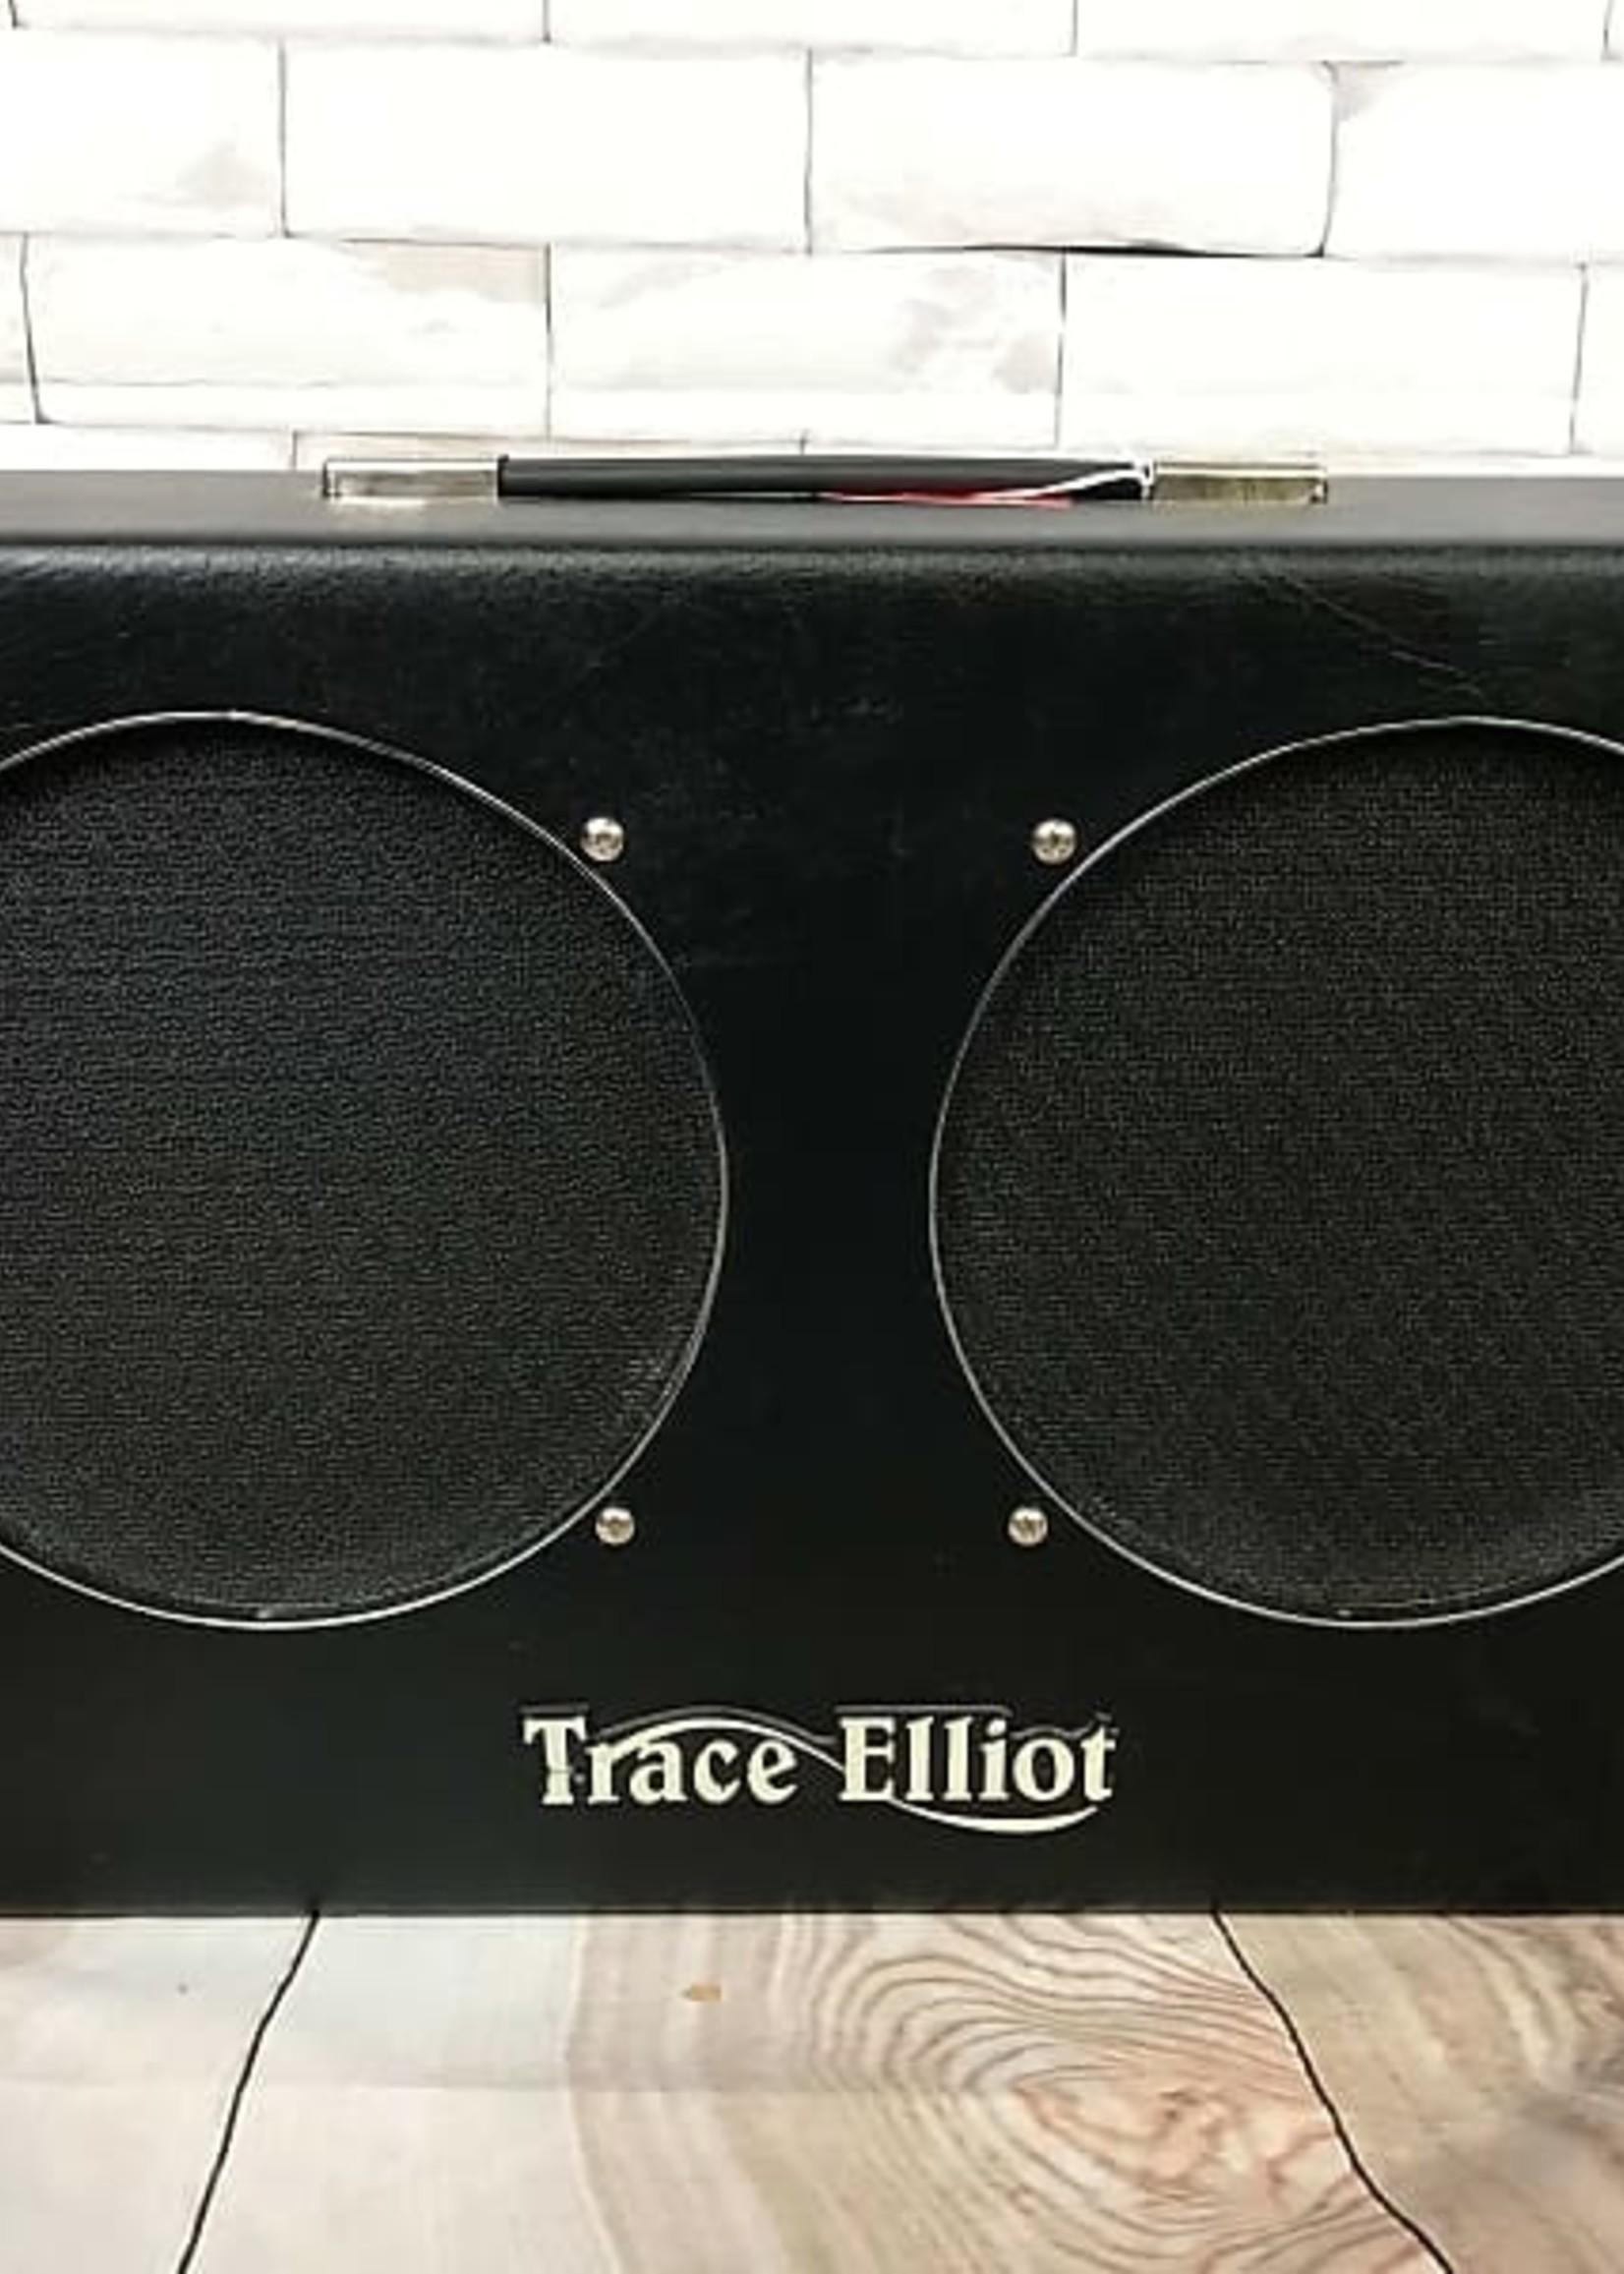 Trace Elliot Velocette (con)